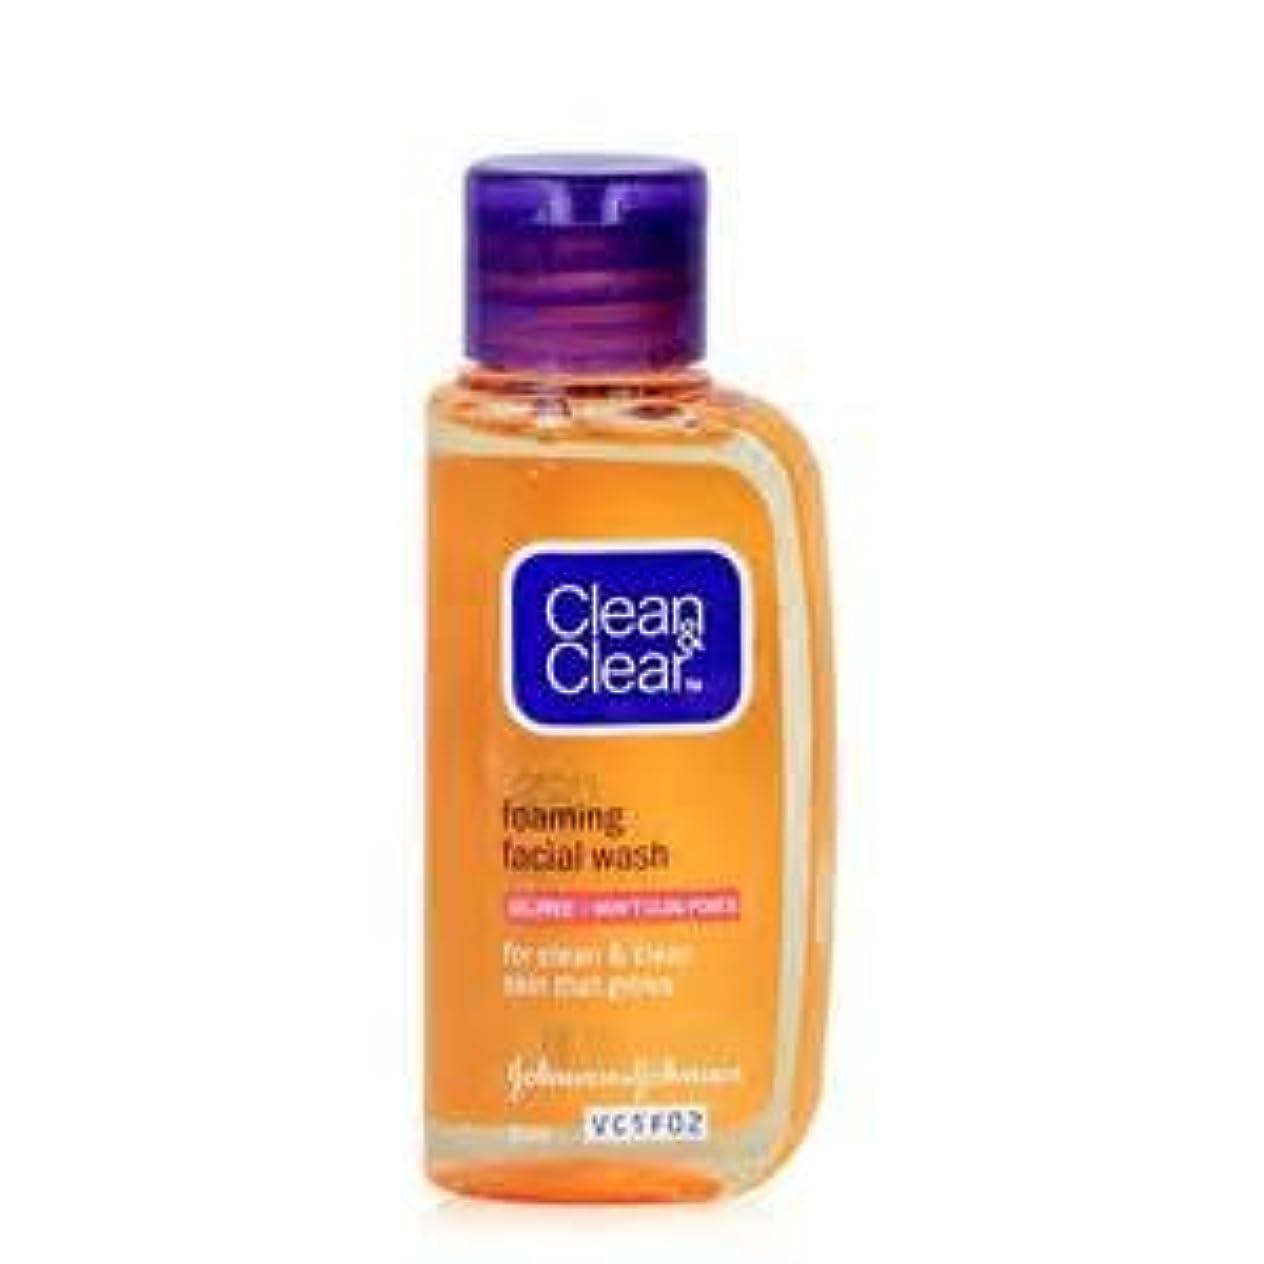 増幅泥夢クリーン&クリア エッセンシャル フォーミング フェイシャル ウォッシュ clean&clear essentials foaming facial wash 50ml